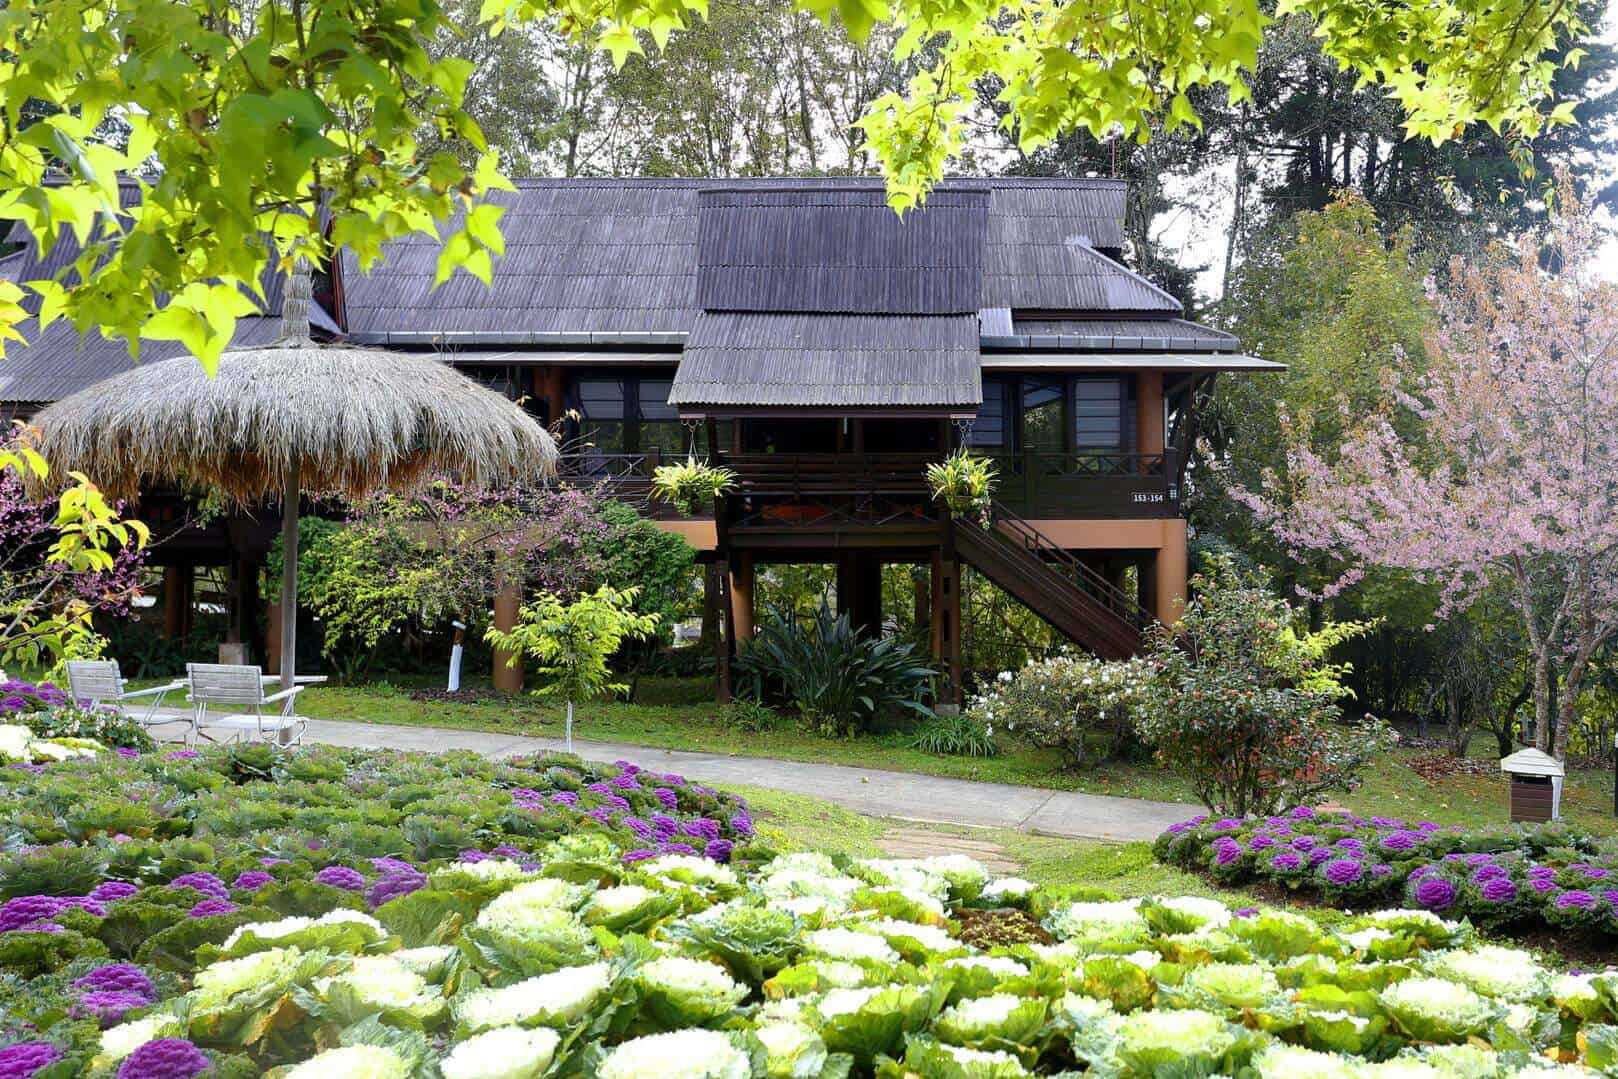 image-of-angkhang-nature-resort-chiang-mai-thailand